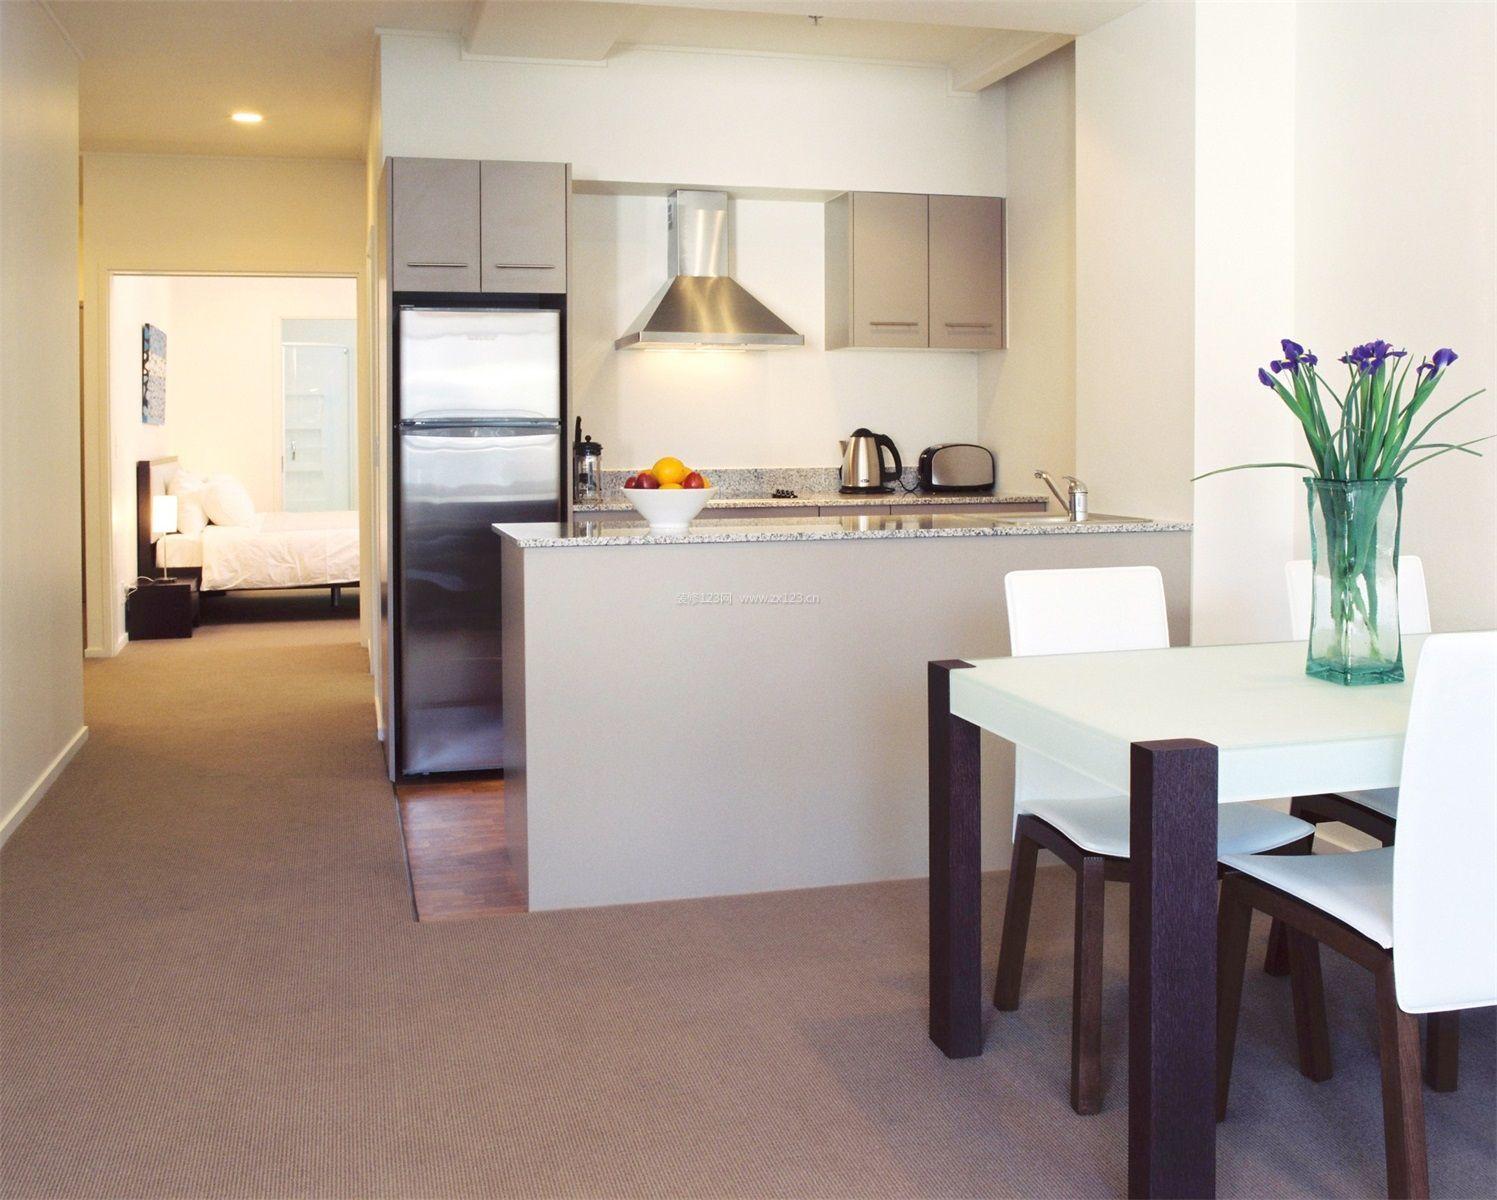 开放式的小厨房装修效果图大全